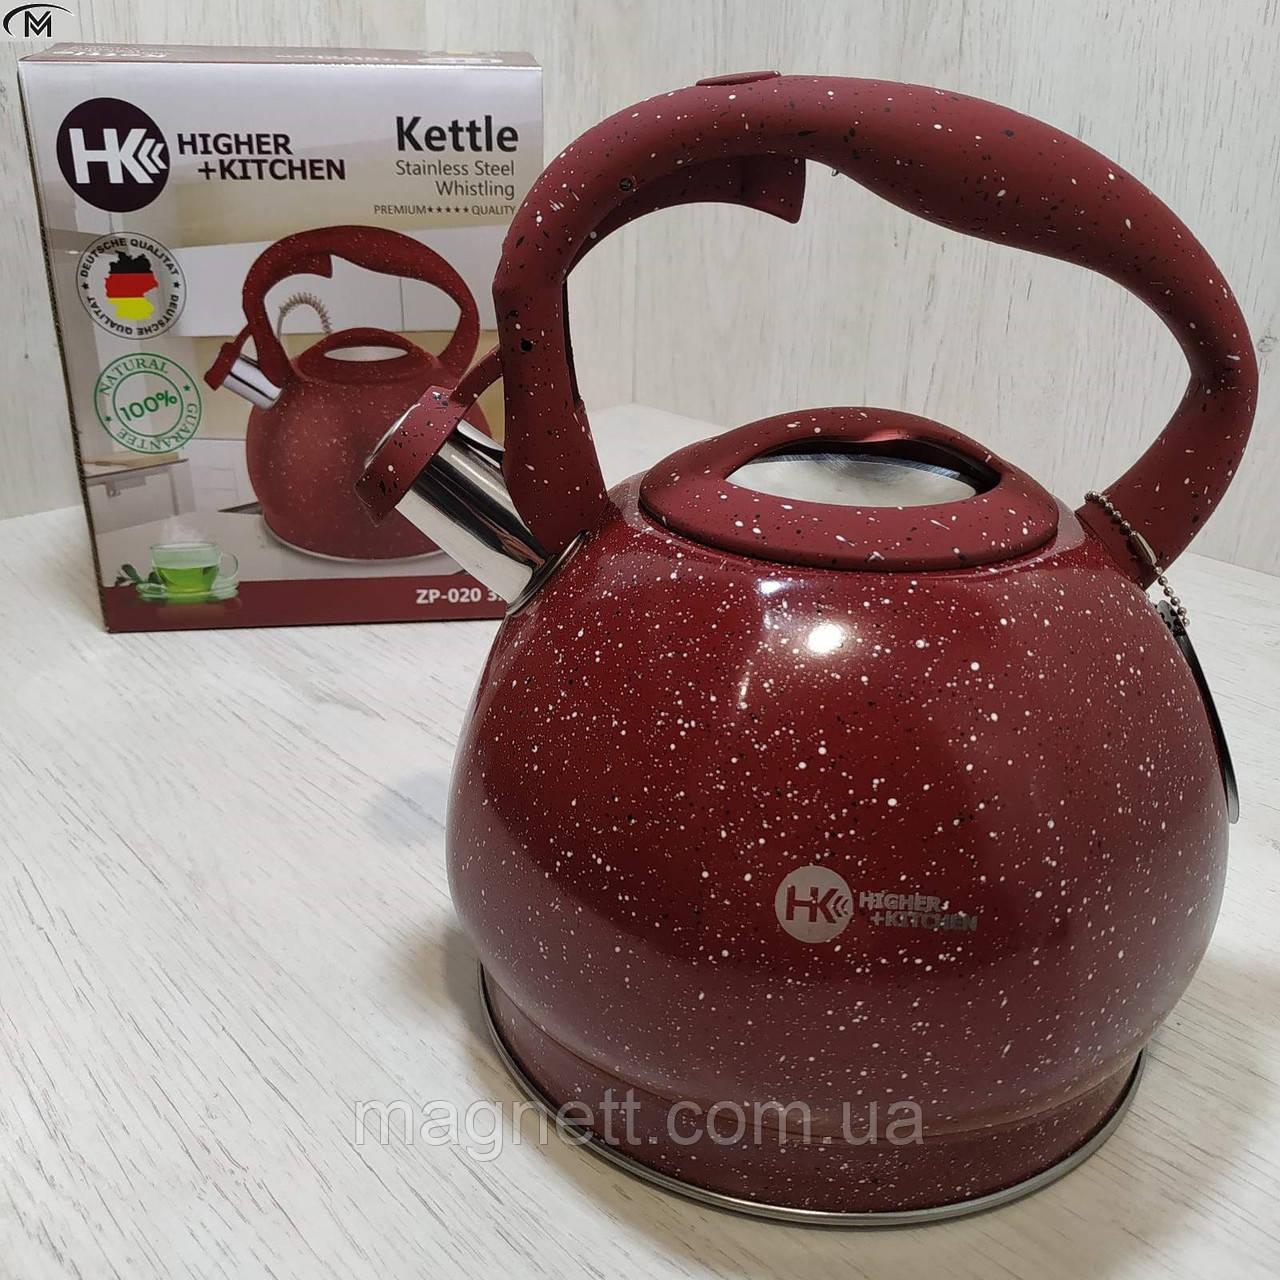 Чайник со свистком HIGHER KITCHEN ZP-020 красный 3.5 л